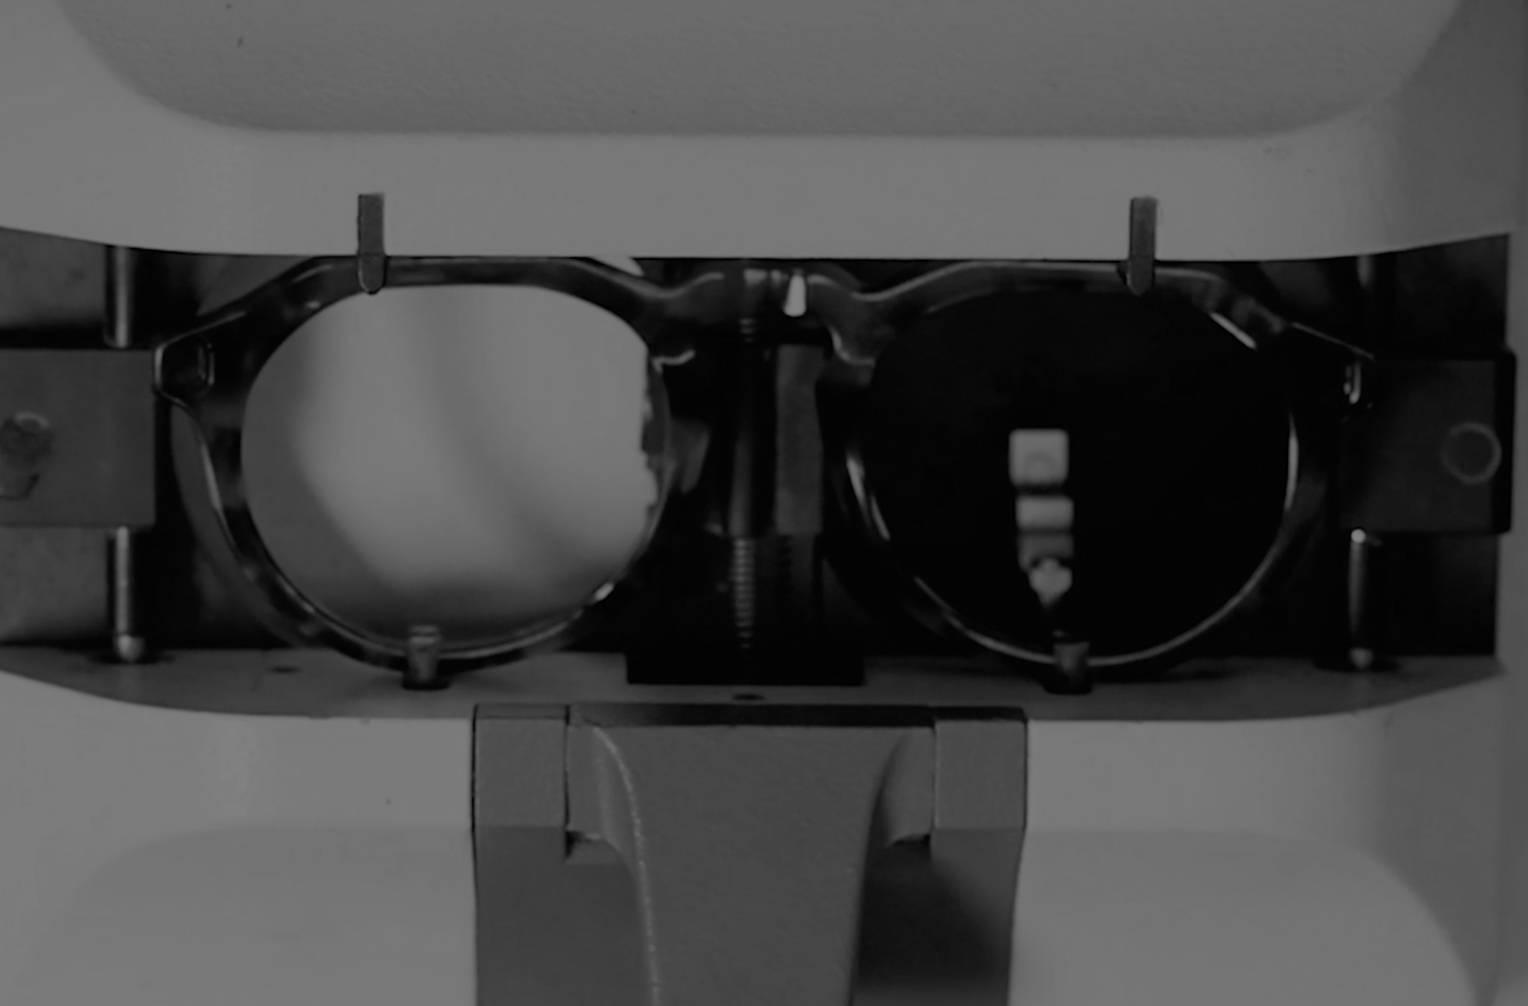 Polarised lens replacement